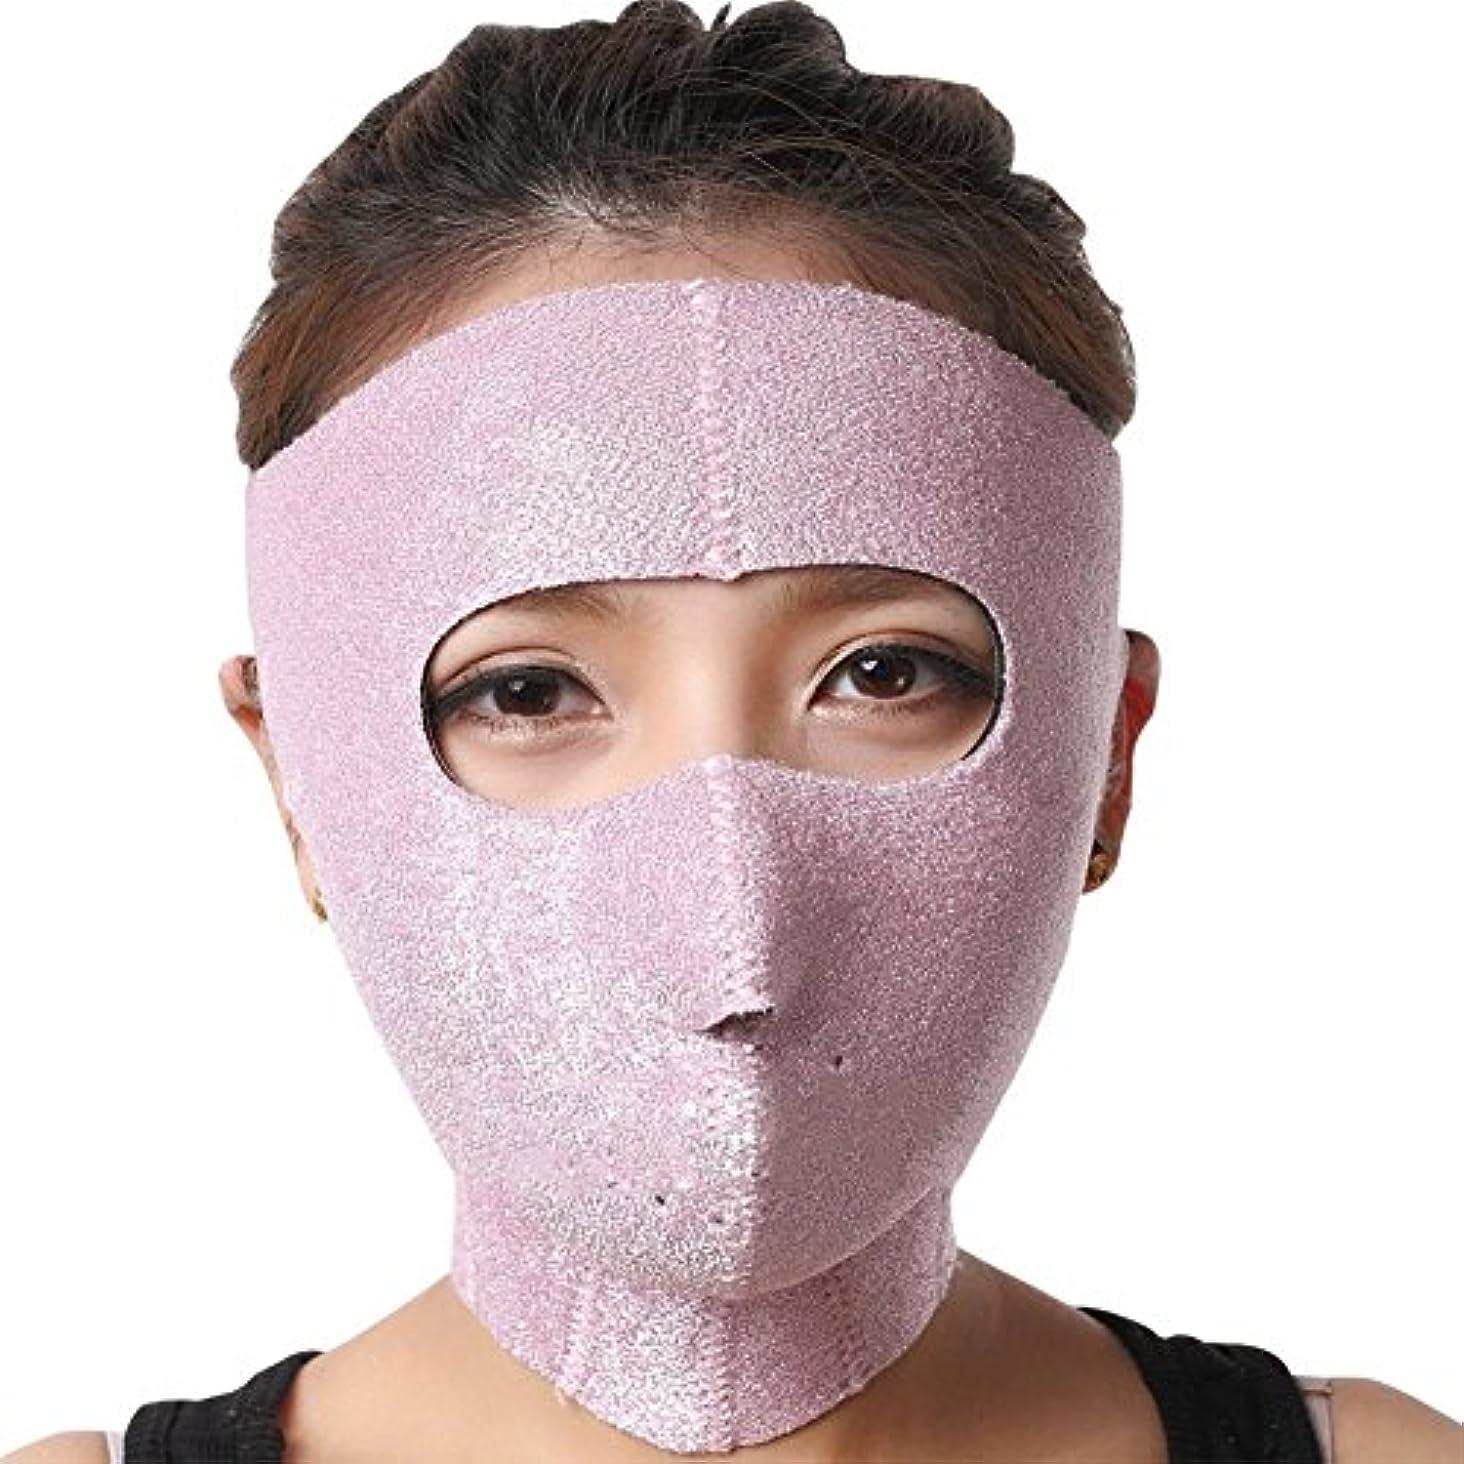 驚くばかり愛する重々しい汗だくマスク 小顔 サウナ マスク 汗 発汗 フェイス 顔 TEC-KONARUD